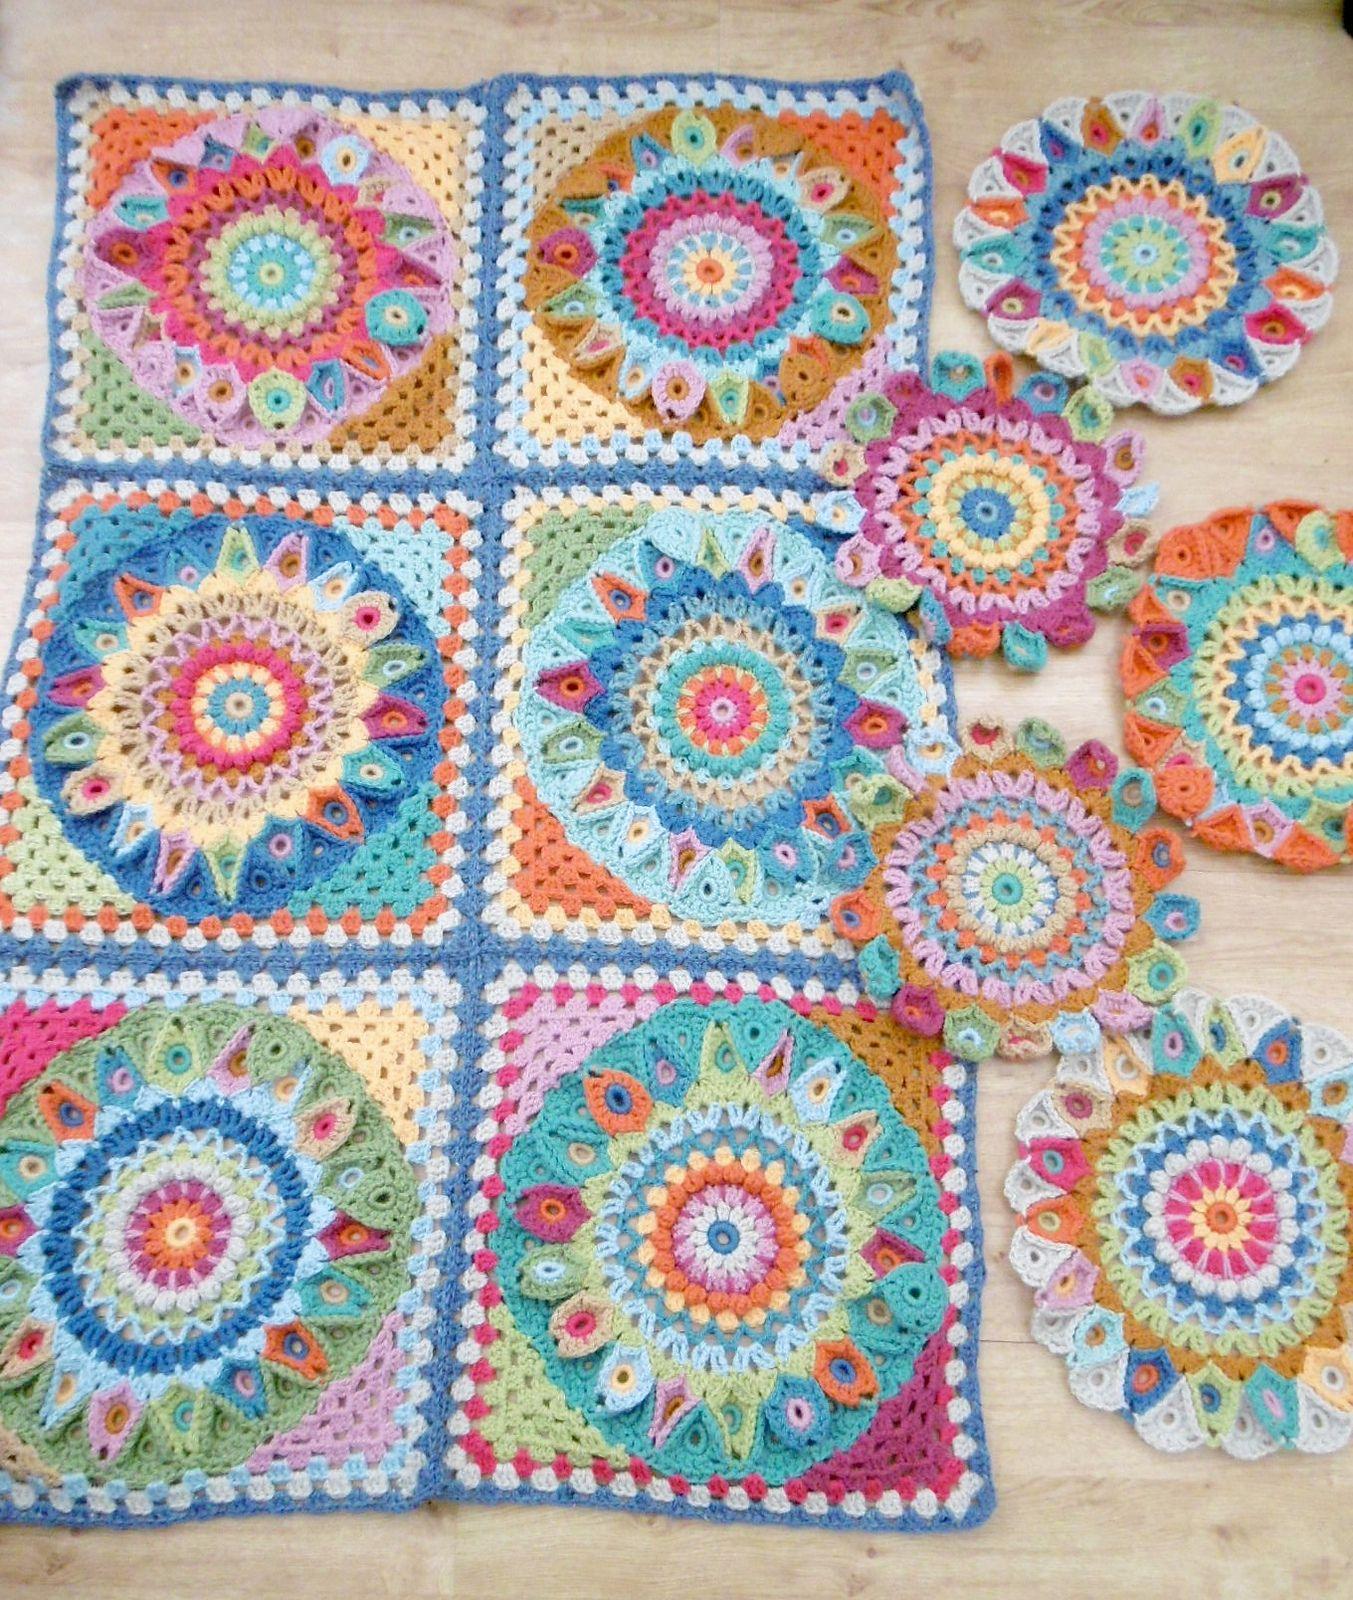 100 Spinning top BLANKET CAL ideas in 2021   crochet blanket, crochet,  blanket